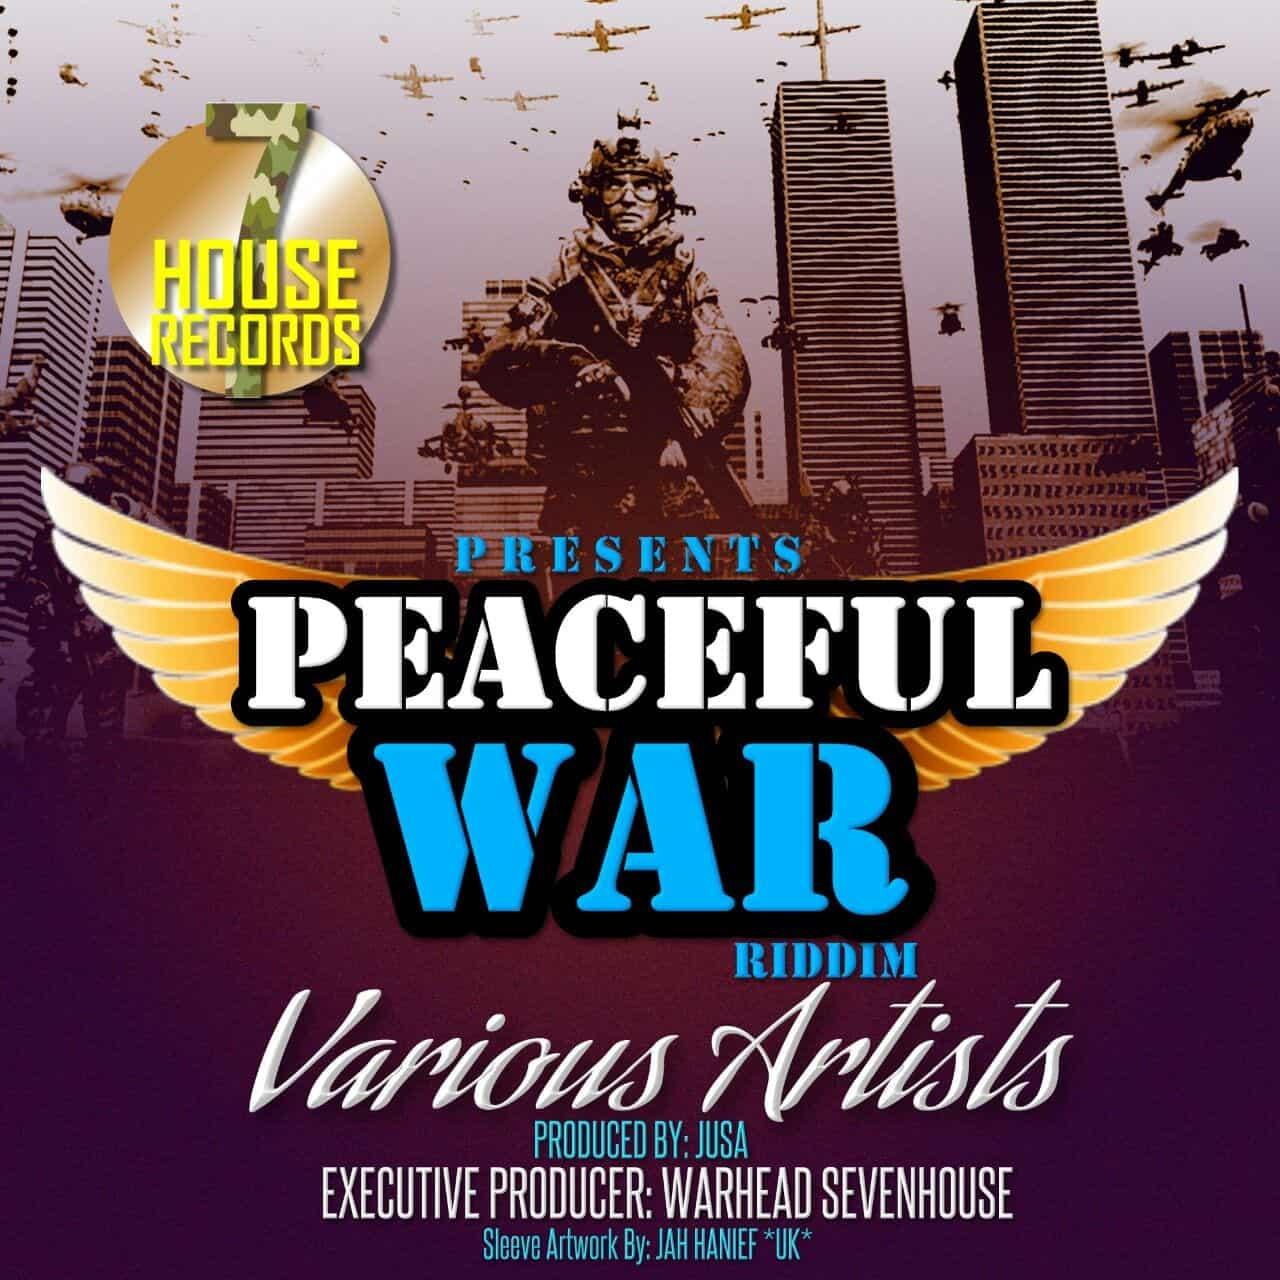 Peaceful War Riddim - 2015 UK Zim